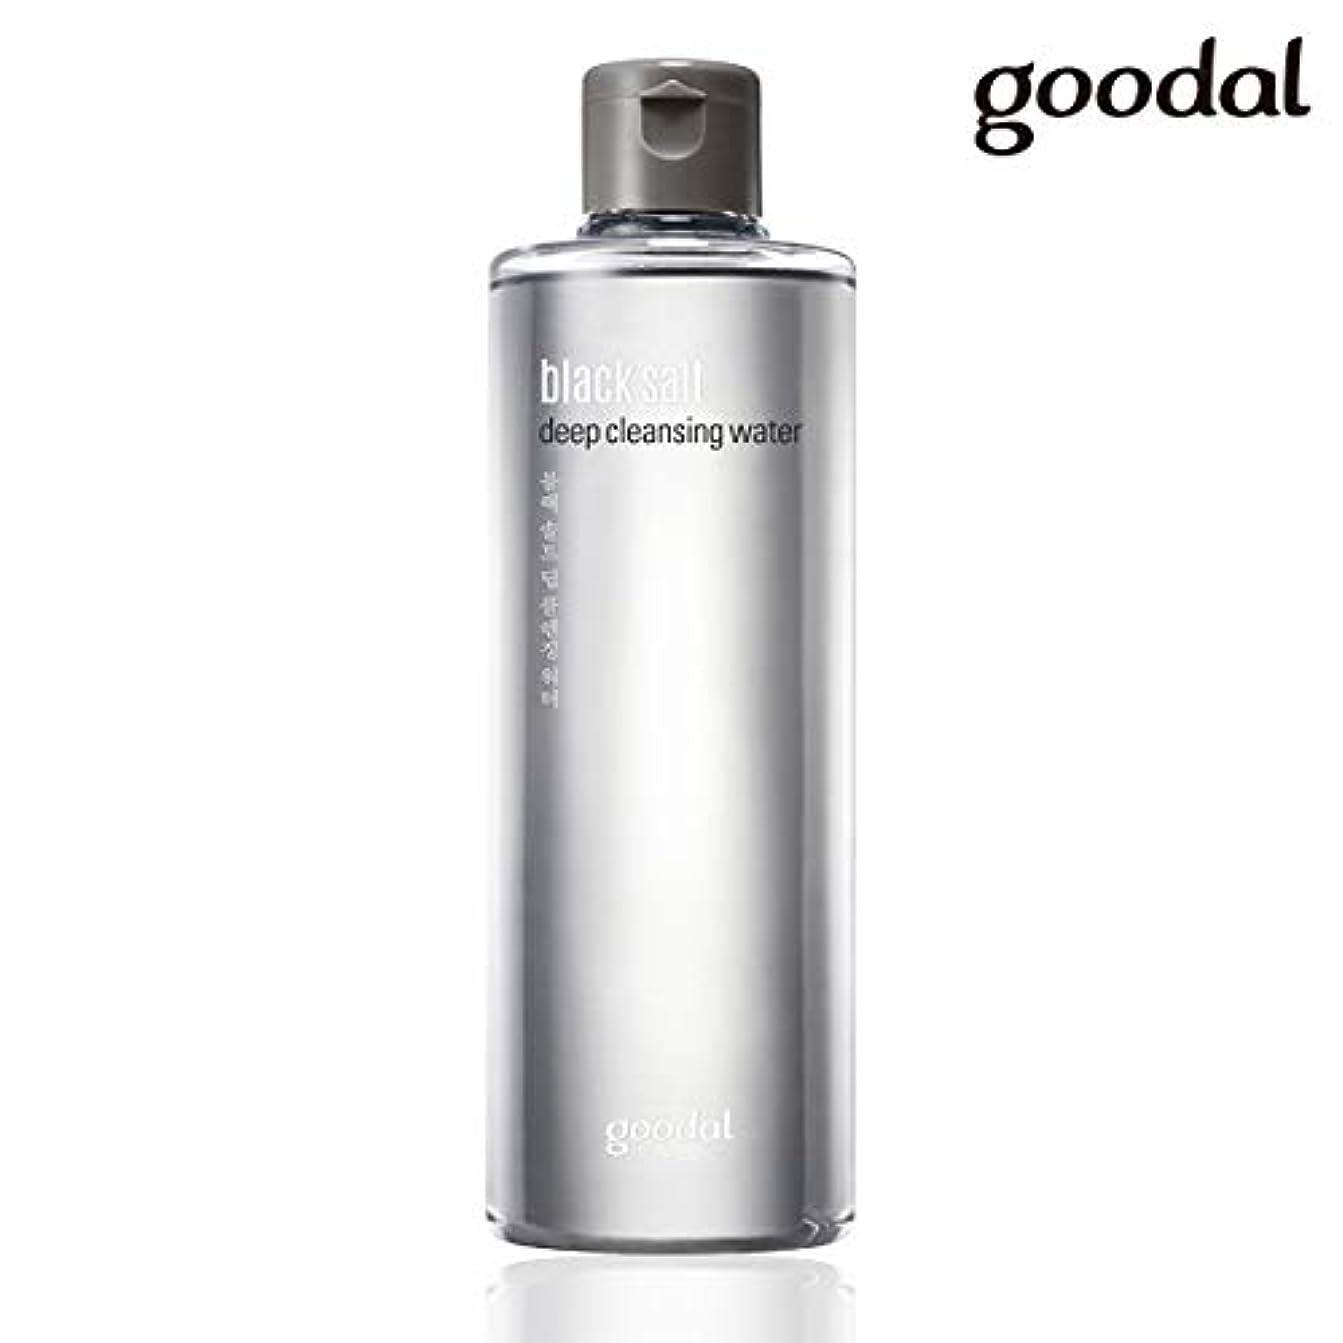 扱いやすい期間森林グーダル ブラックソルトディープクレンジングウォーター goodal black salt deep cleansing water 300ml [並行輸入品]